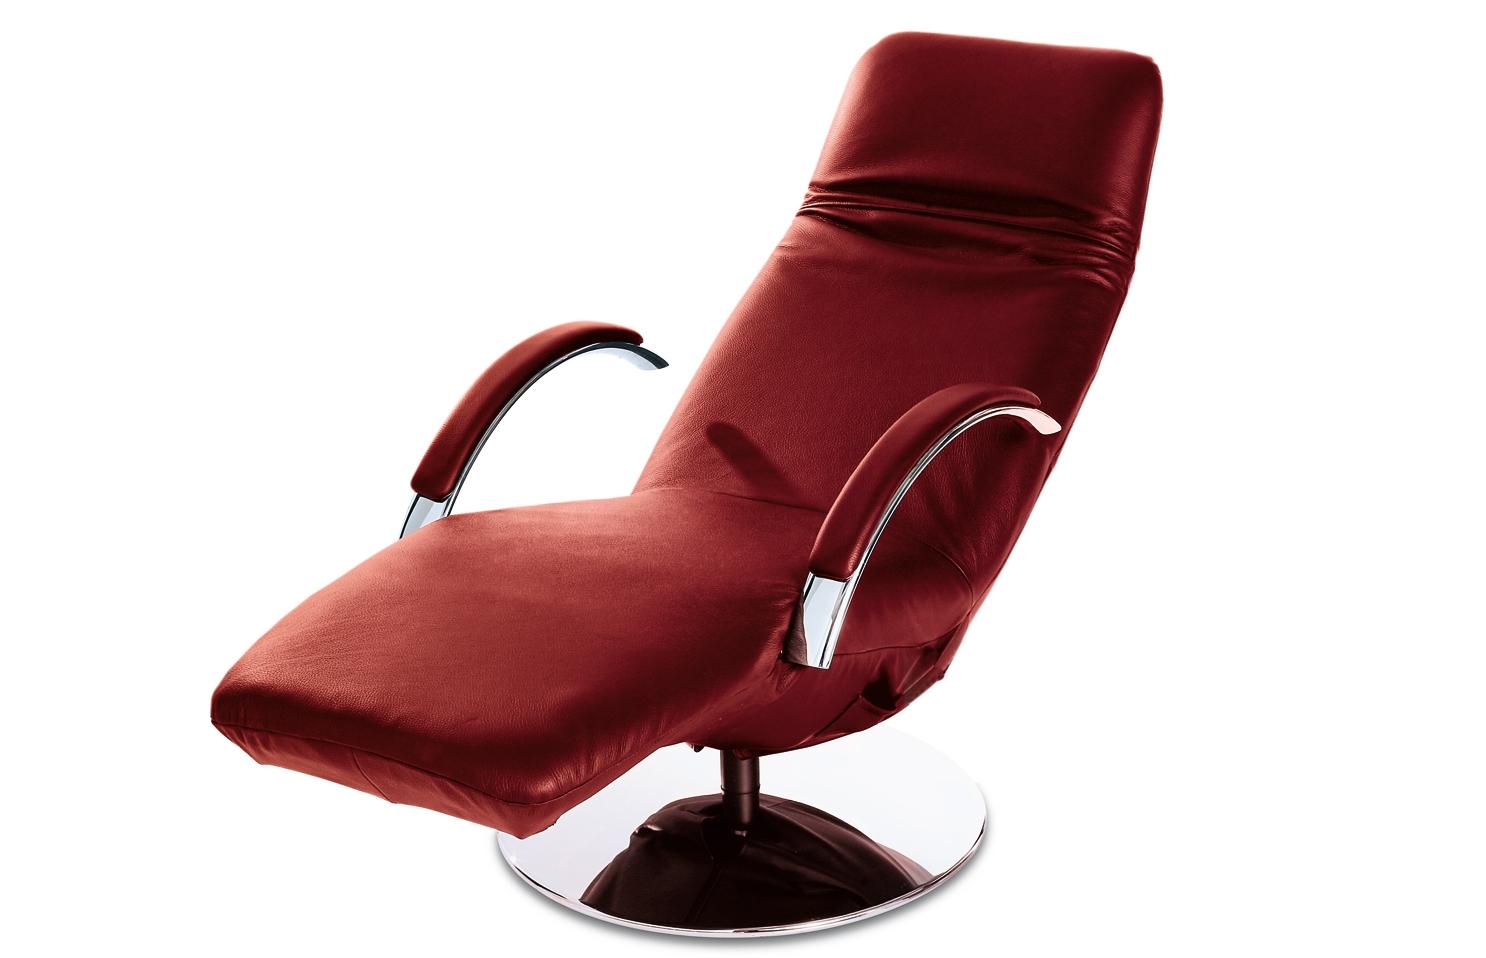 BEMER fauteuil B.COMFORT